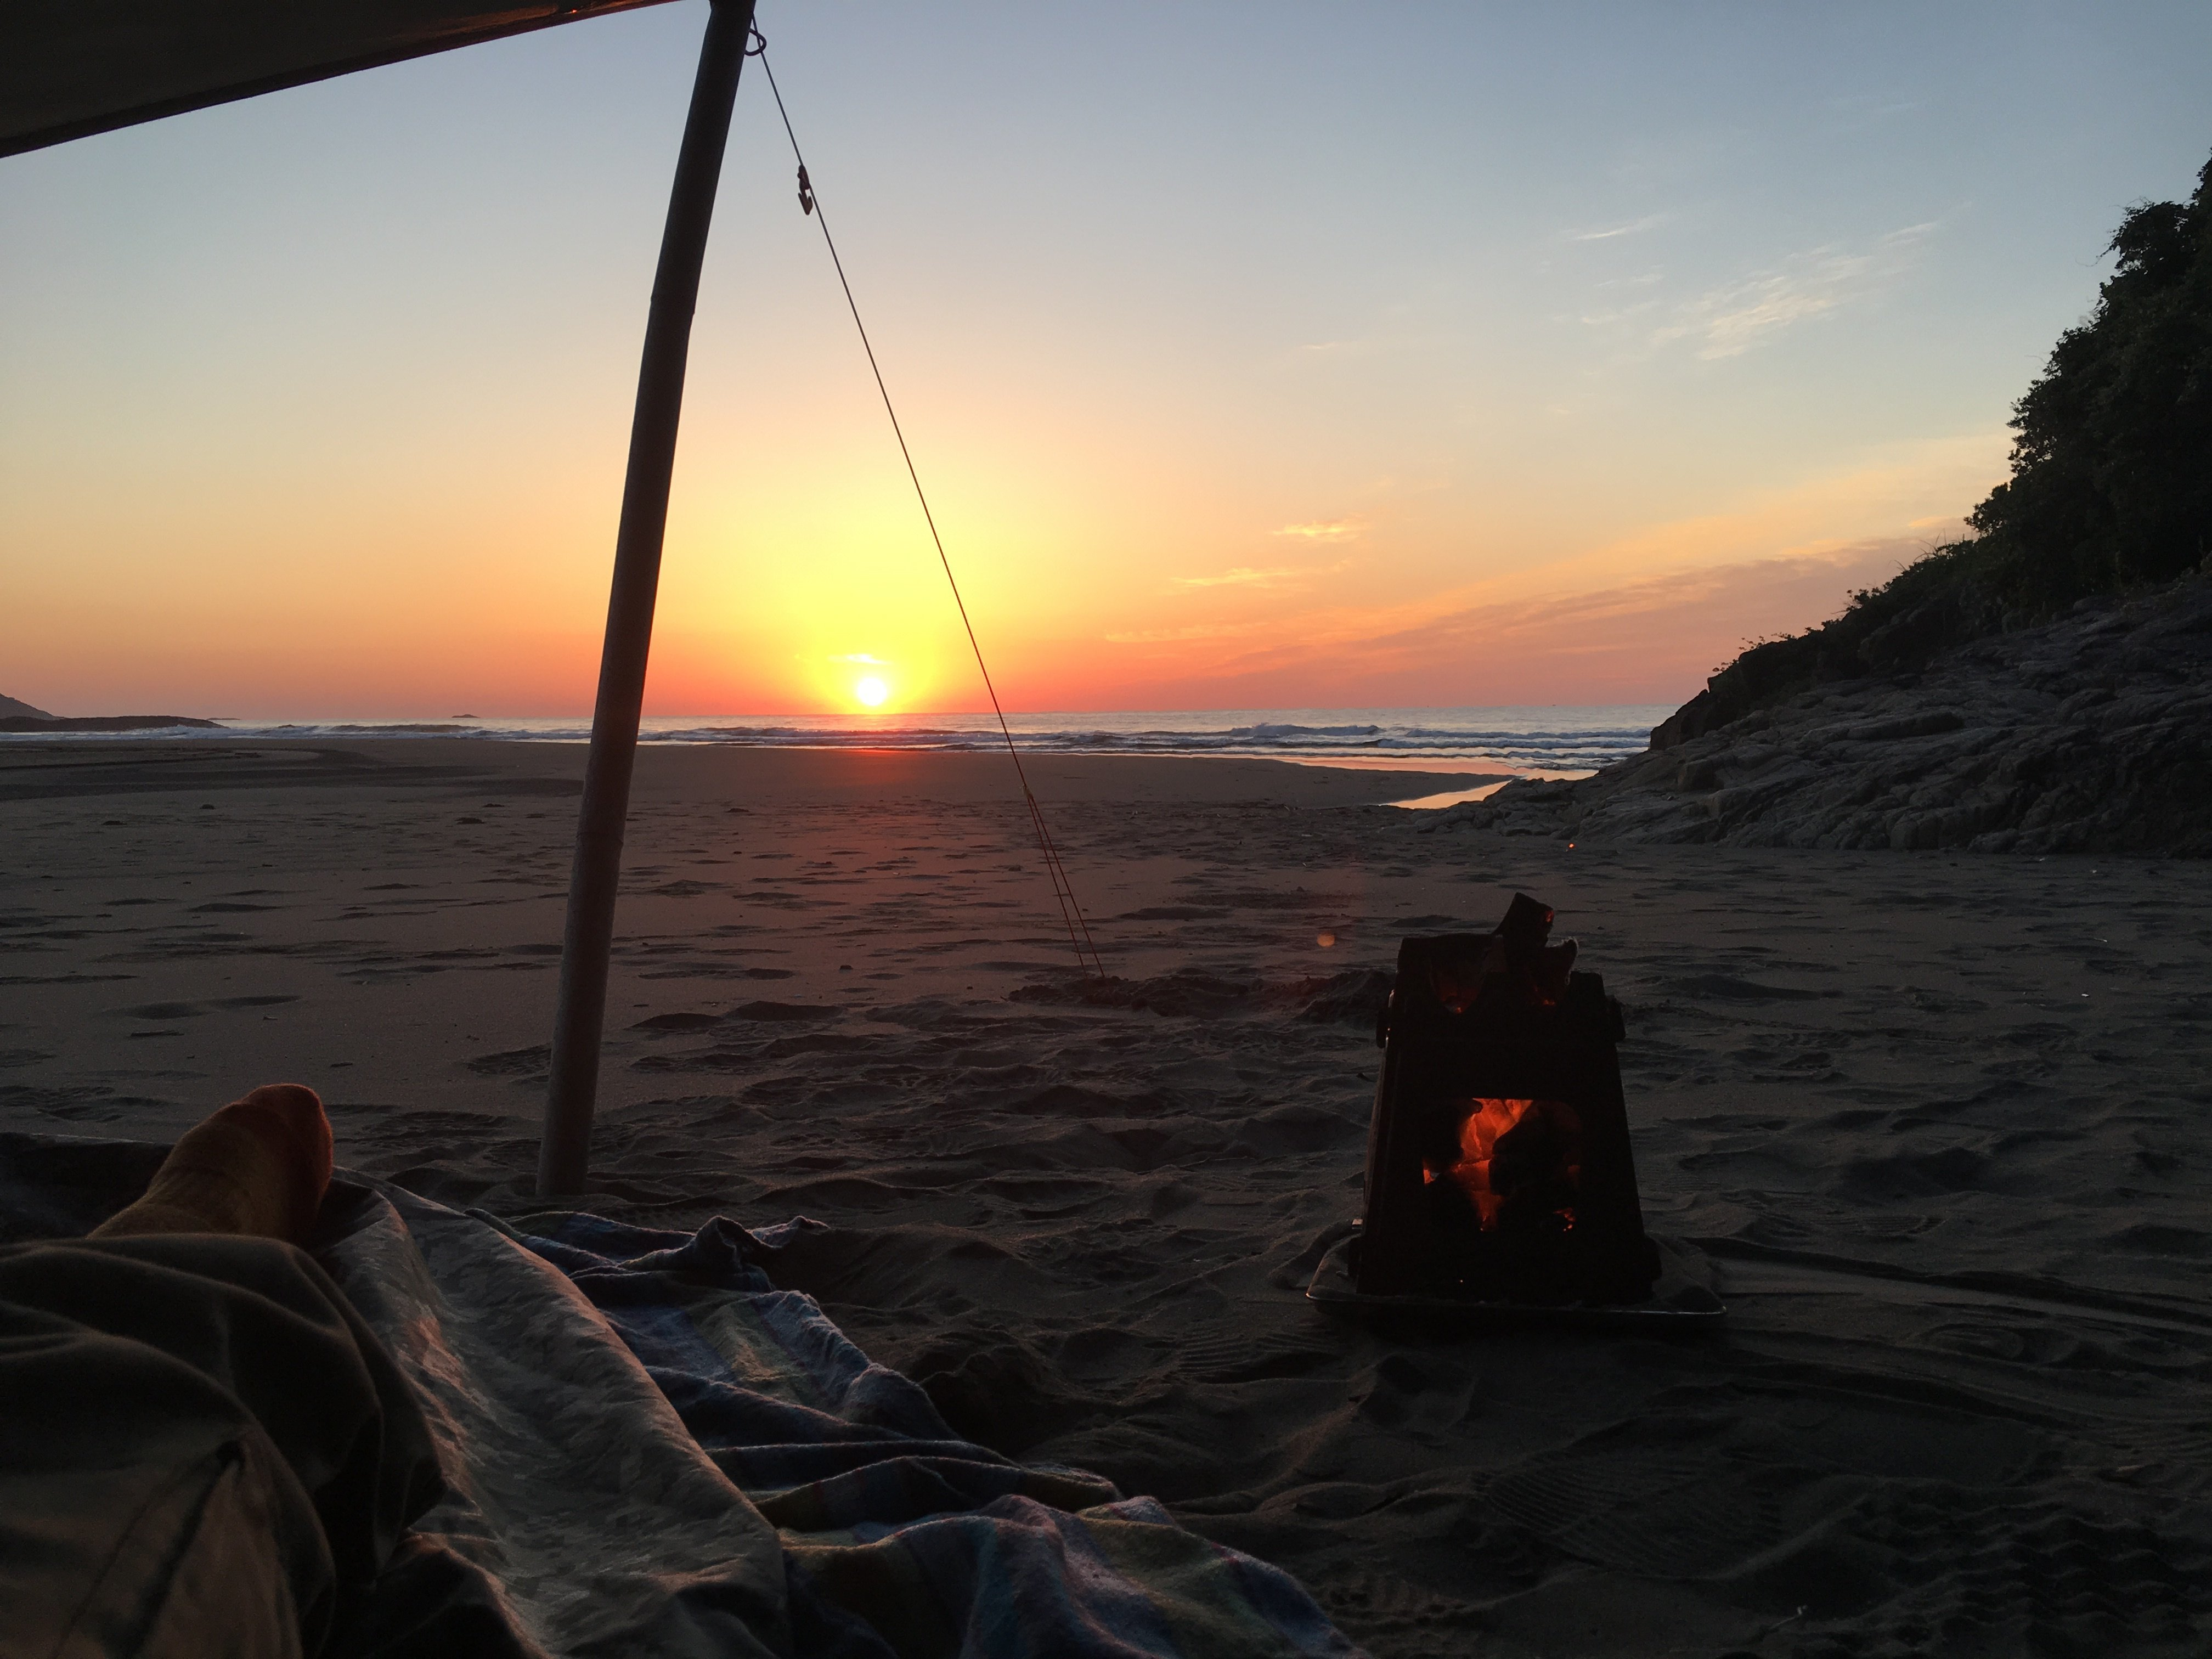 夜明け焚き火ddタープ